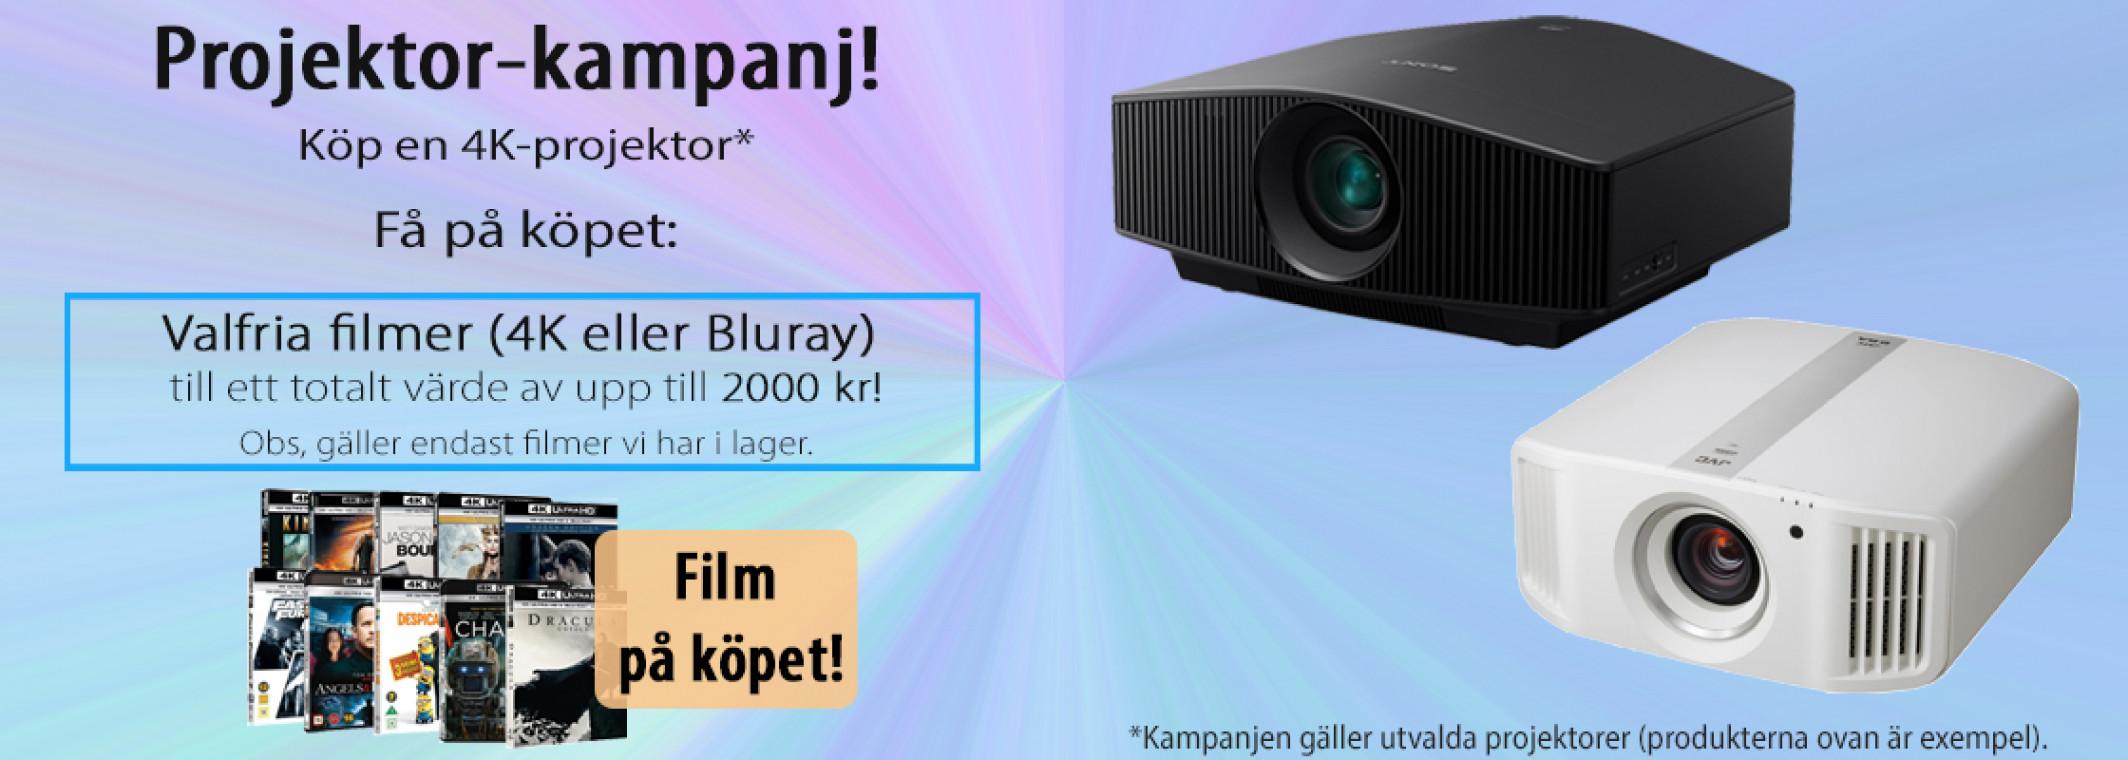 4k_film_kampanj3.jpg